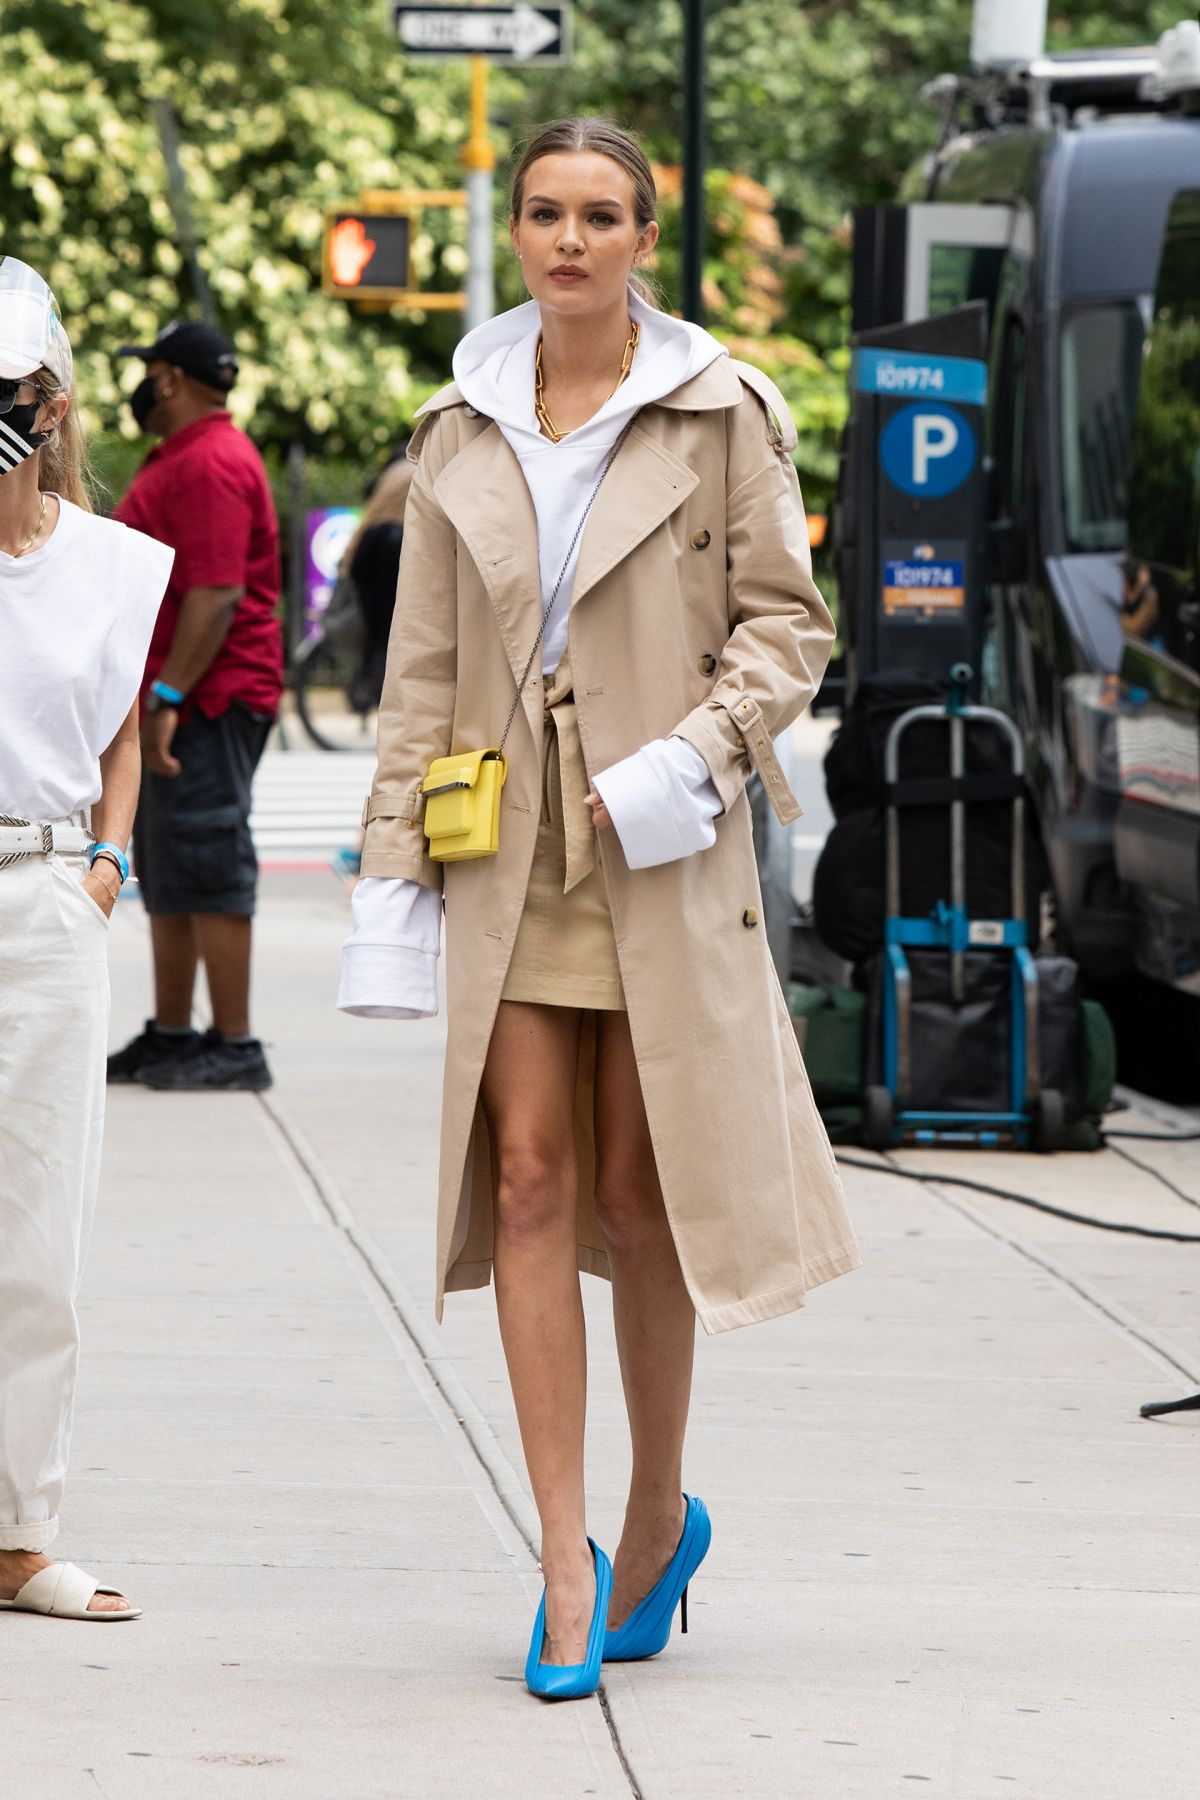 Josephine Skriver Set Maybelline Commercial New York